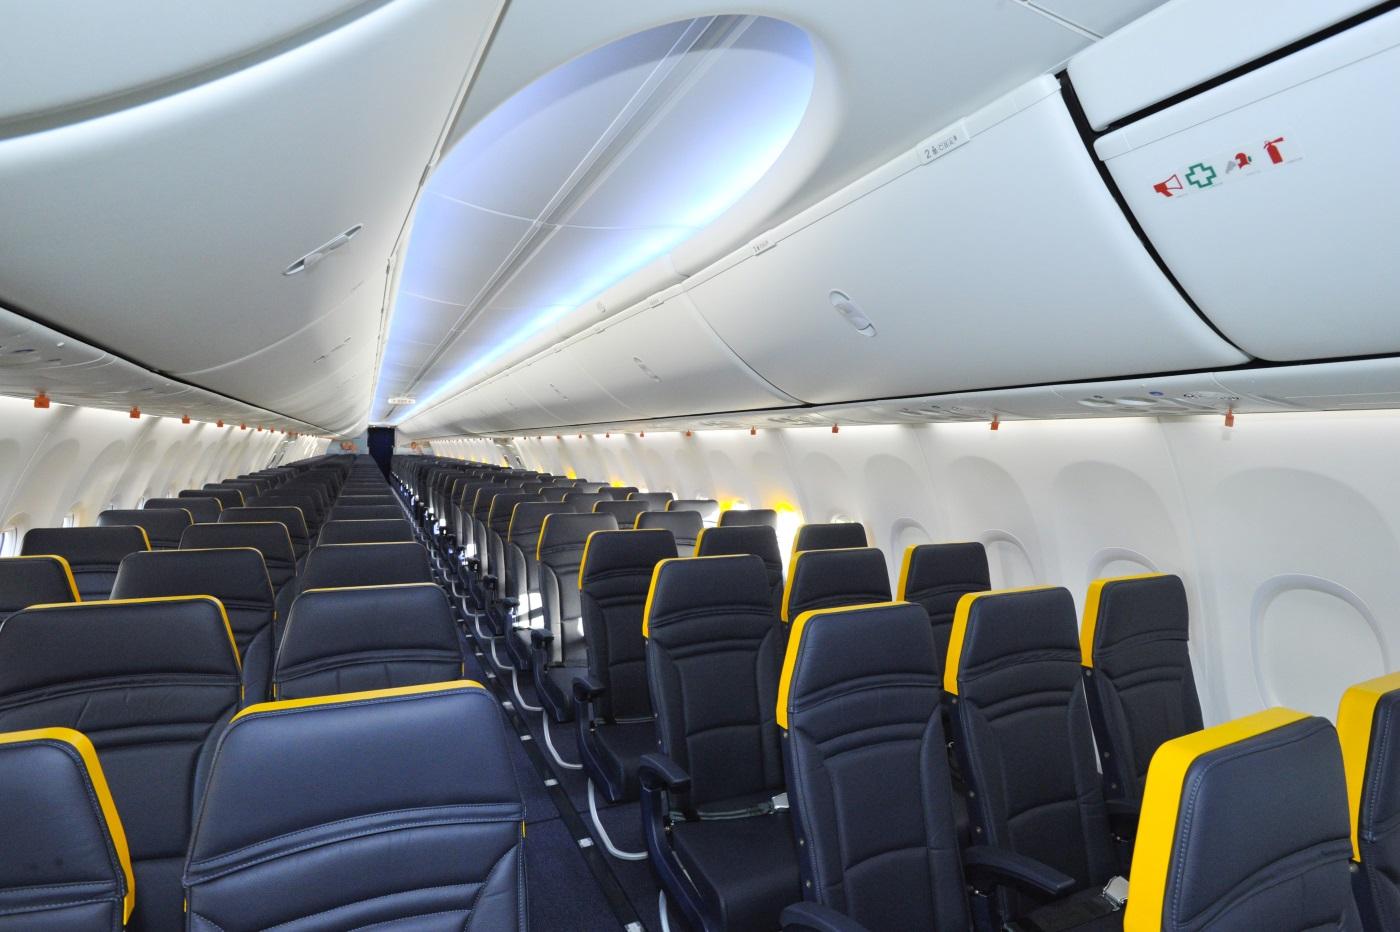 Ryanair szykuje się na spowolnienie. Obcina pensje o 50%! Odwołuje tysiące lotów…